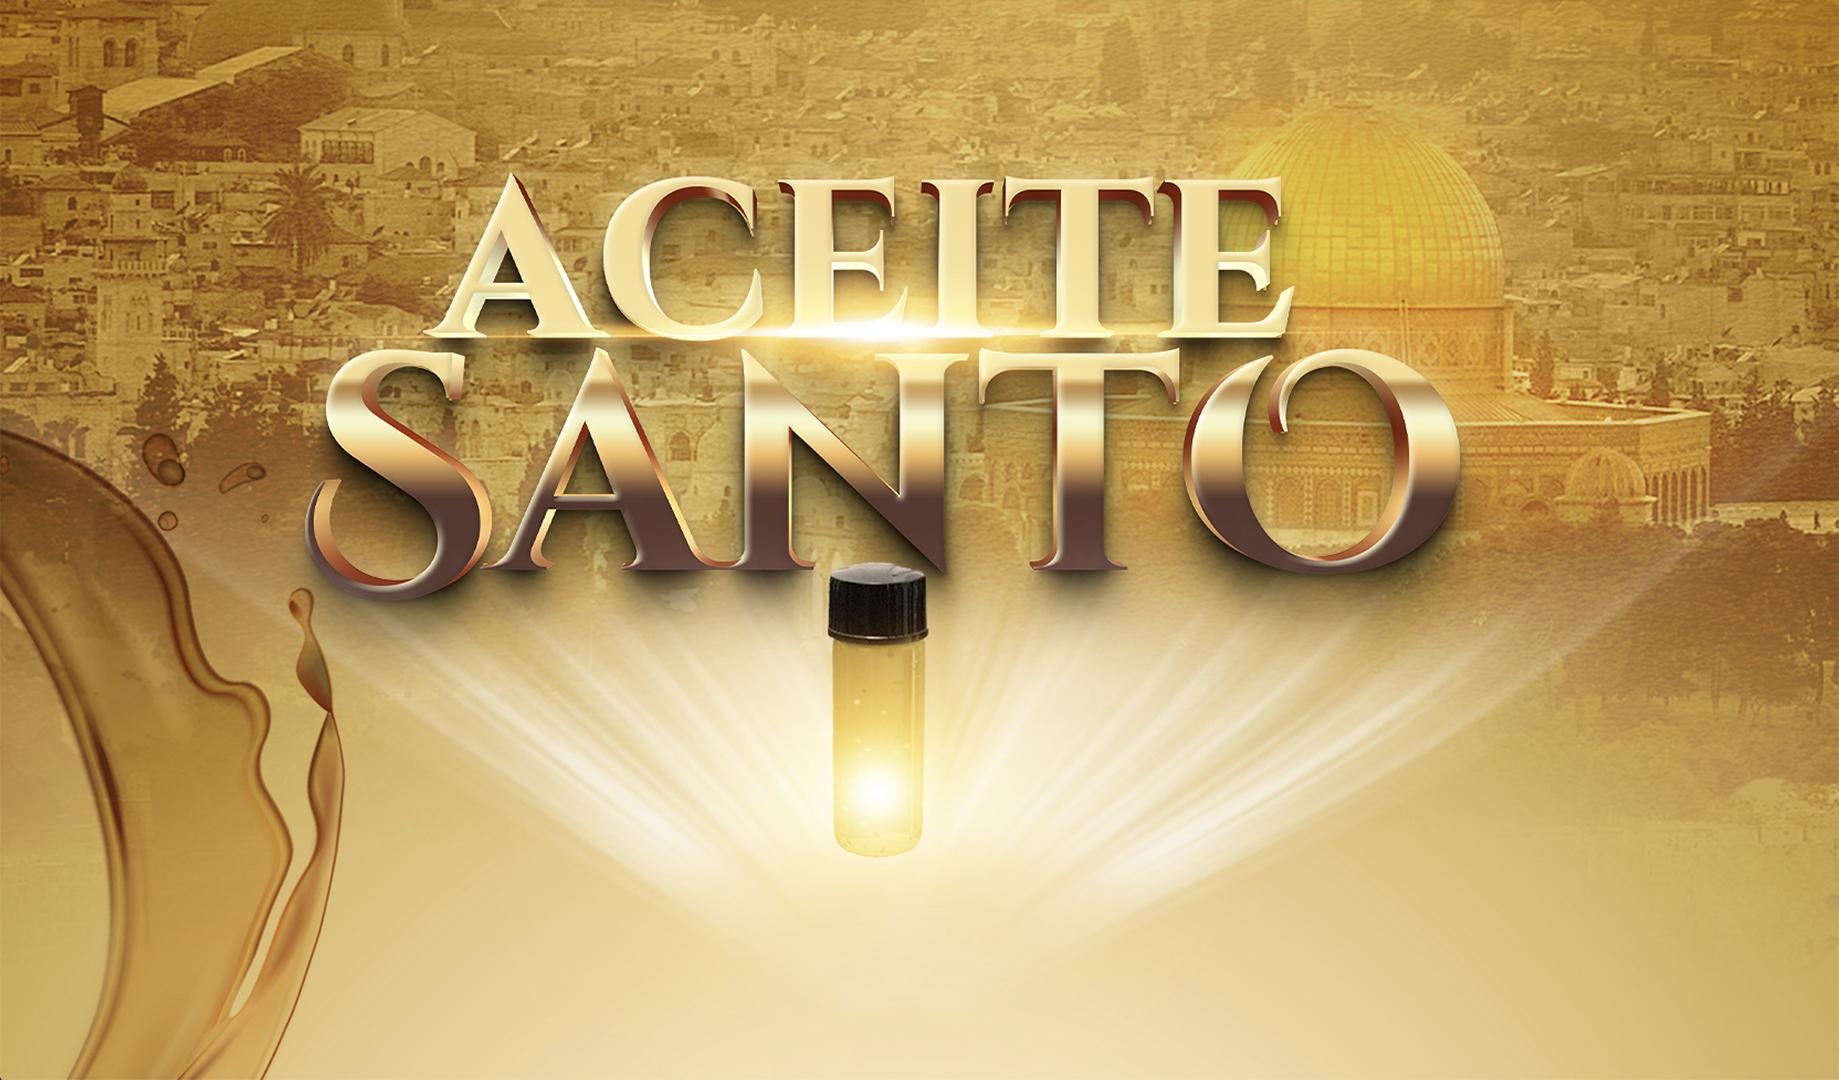 Aceite Santo de Israel - 31 de enero